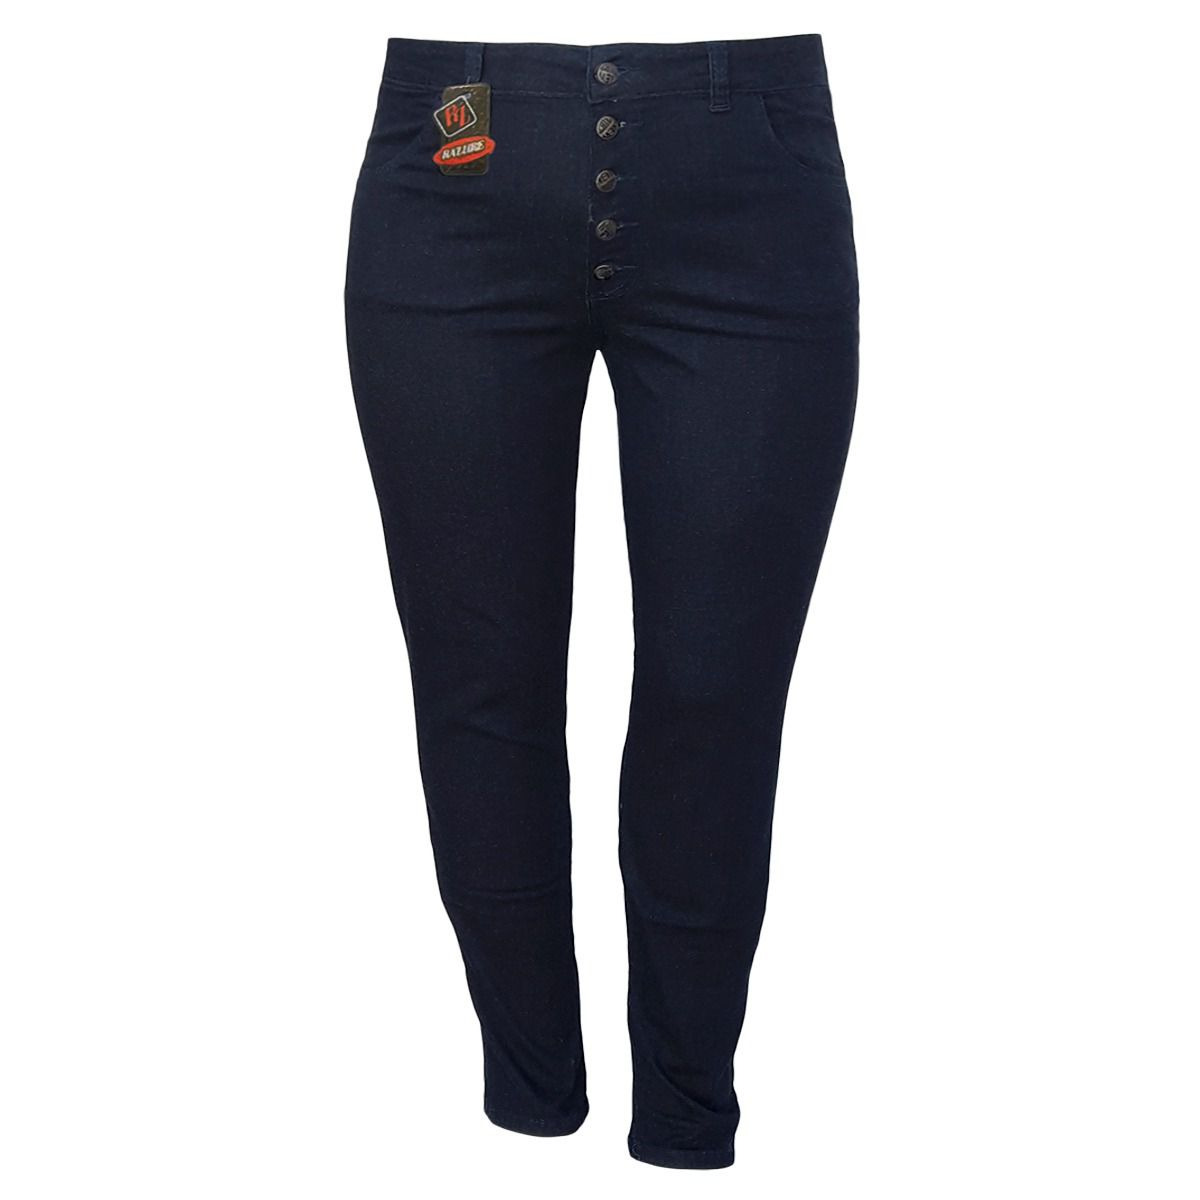 Calça Jeans Feminina Skinny Com Botões Plus Size